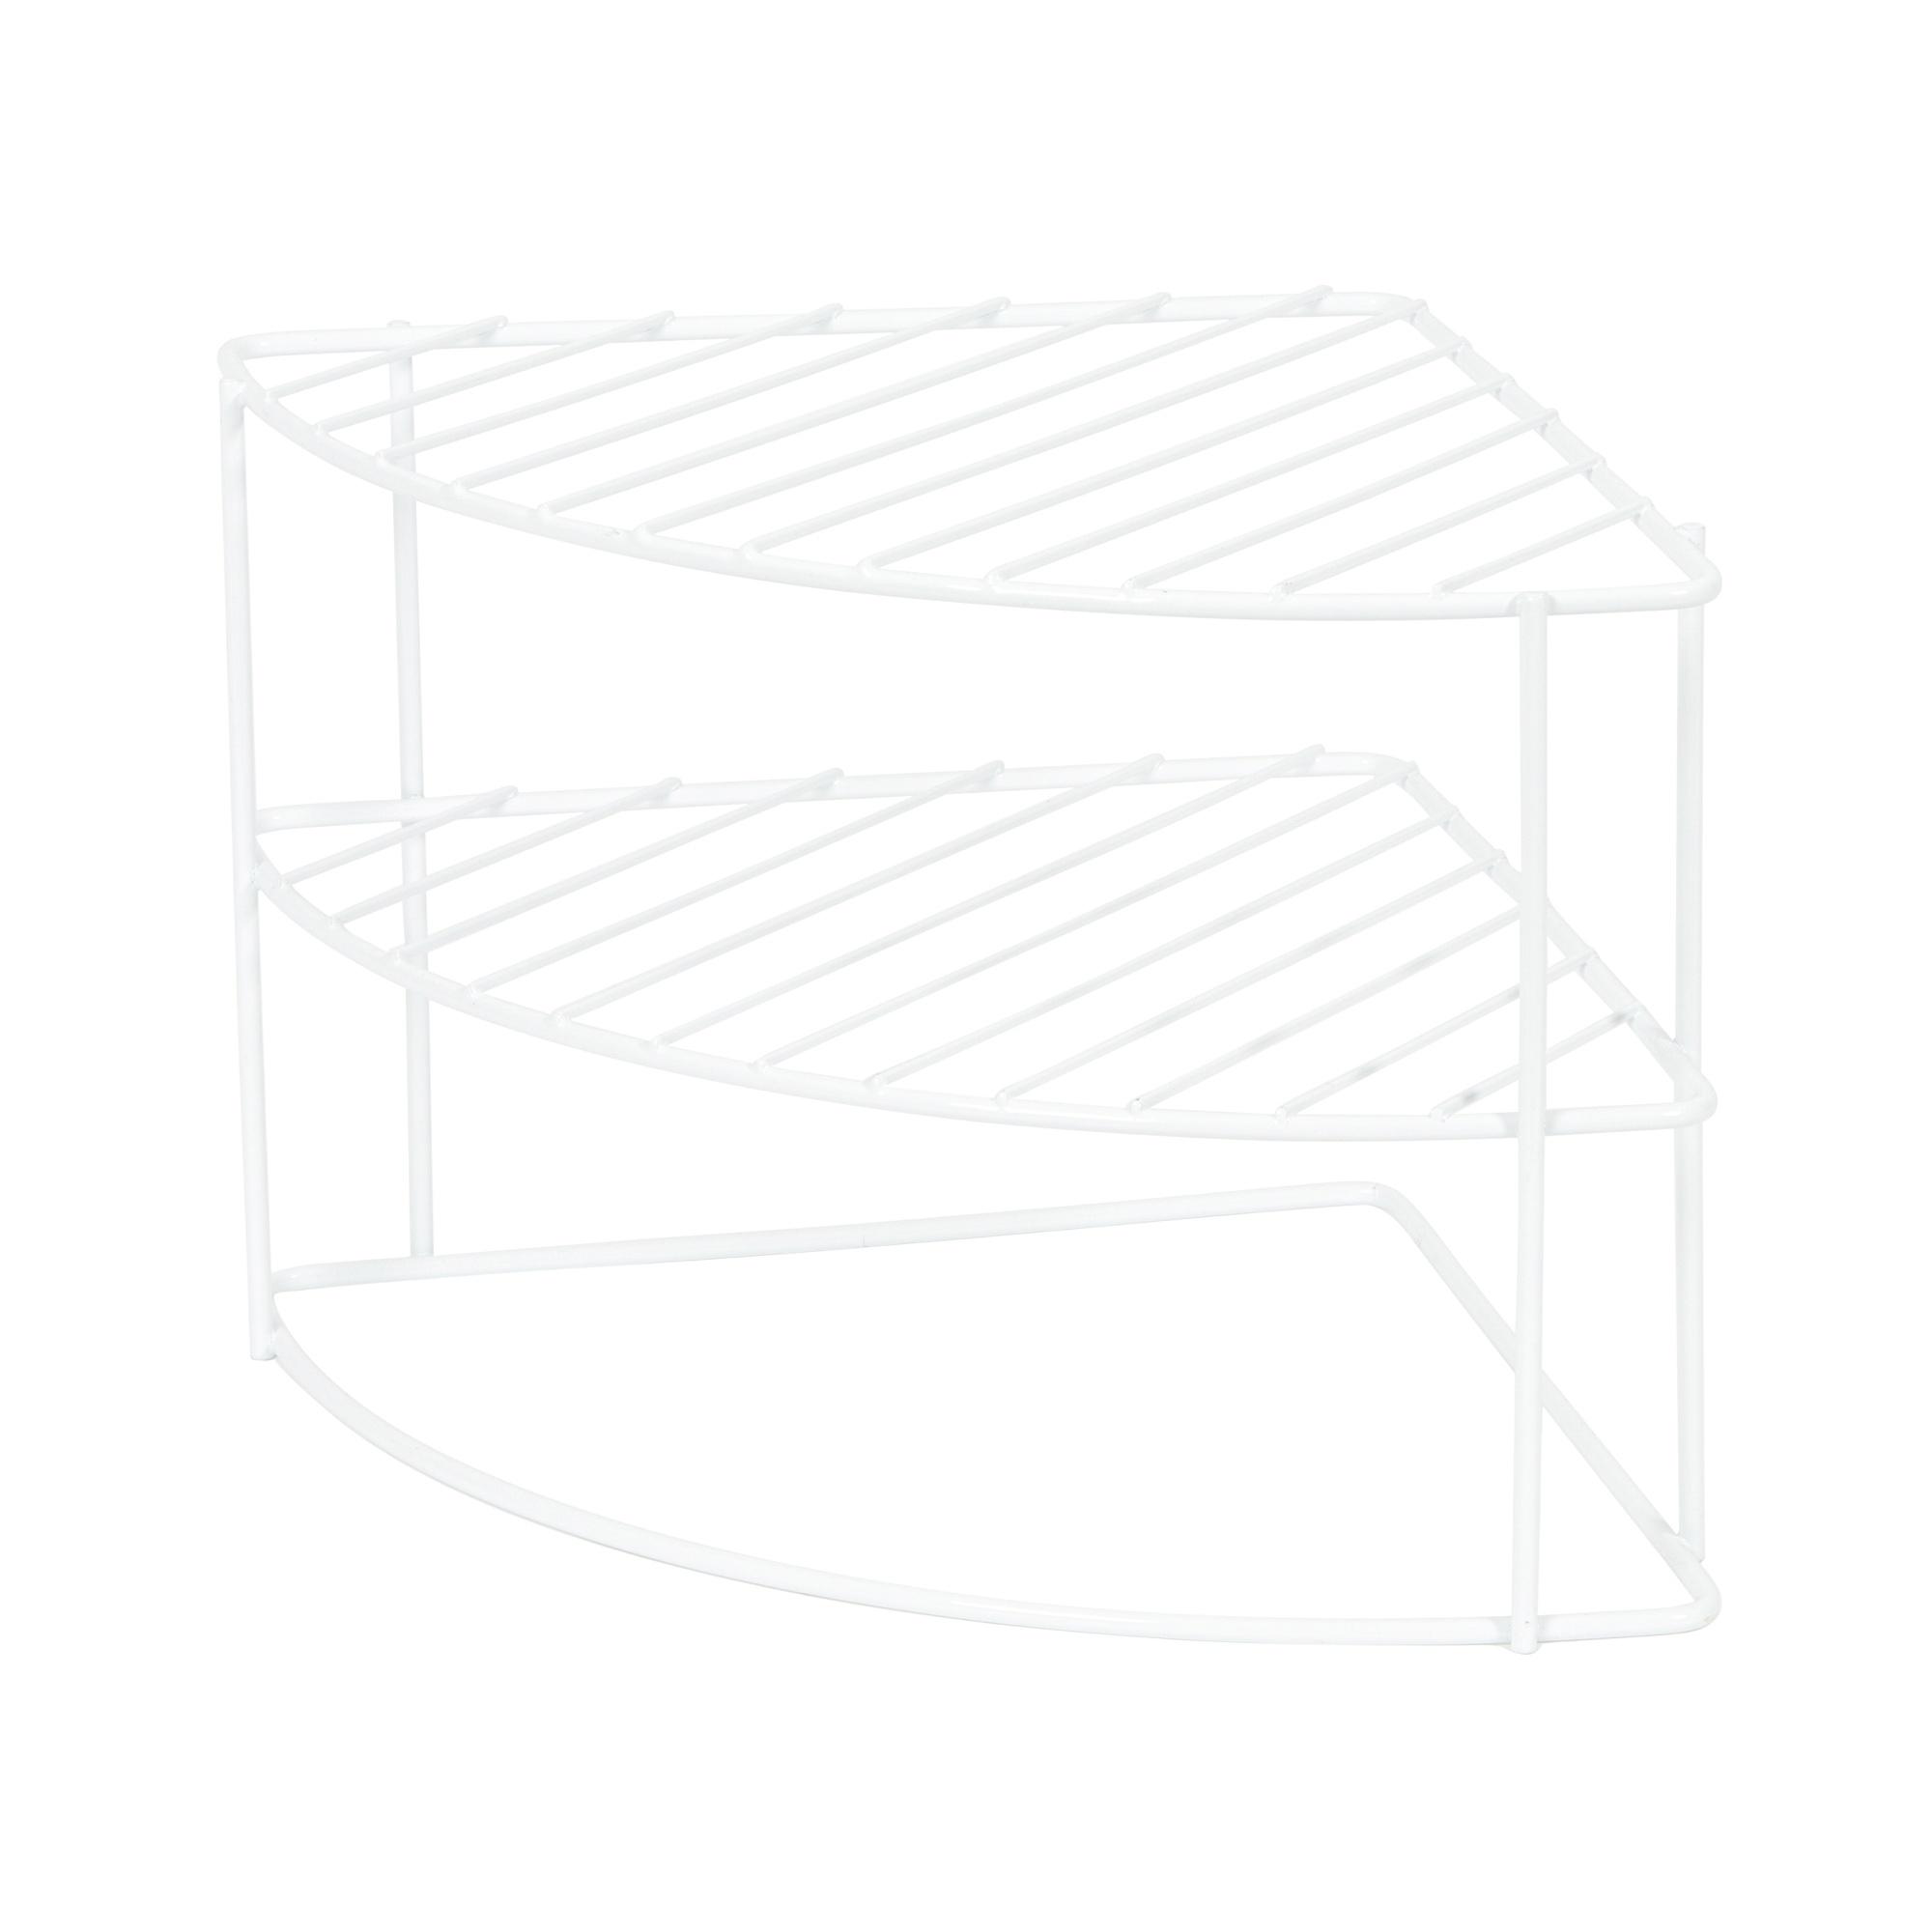 Étagère d'angle pour vaisselle en acier laqué blanc 26x26cm (photo)